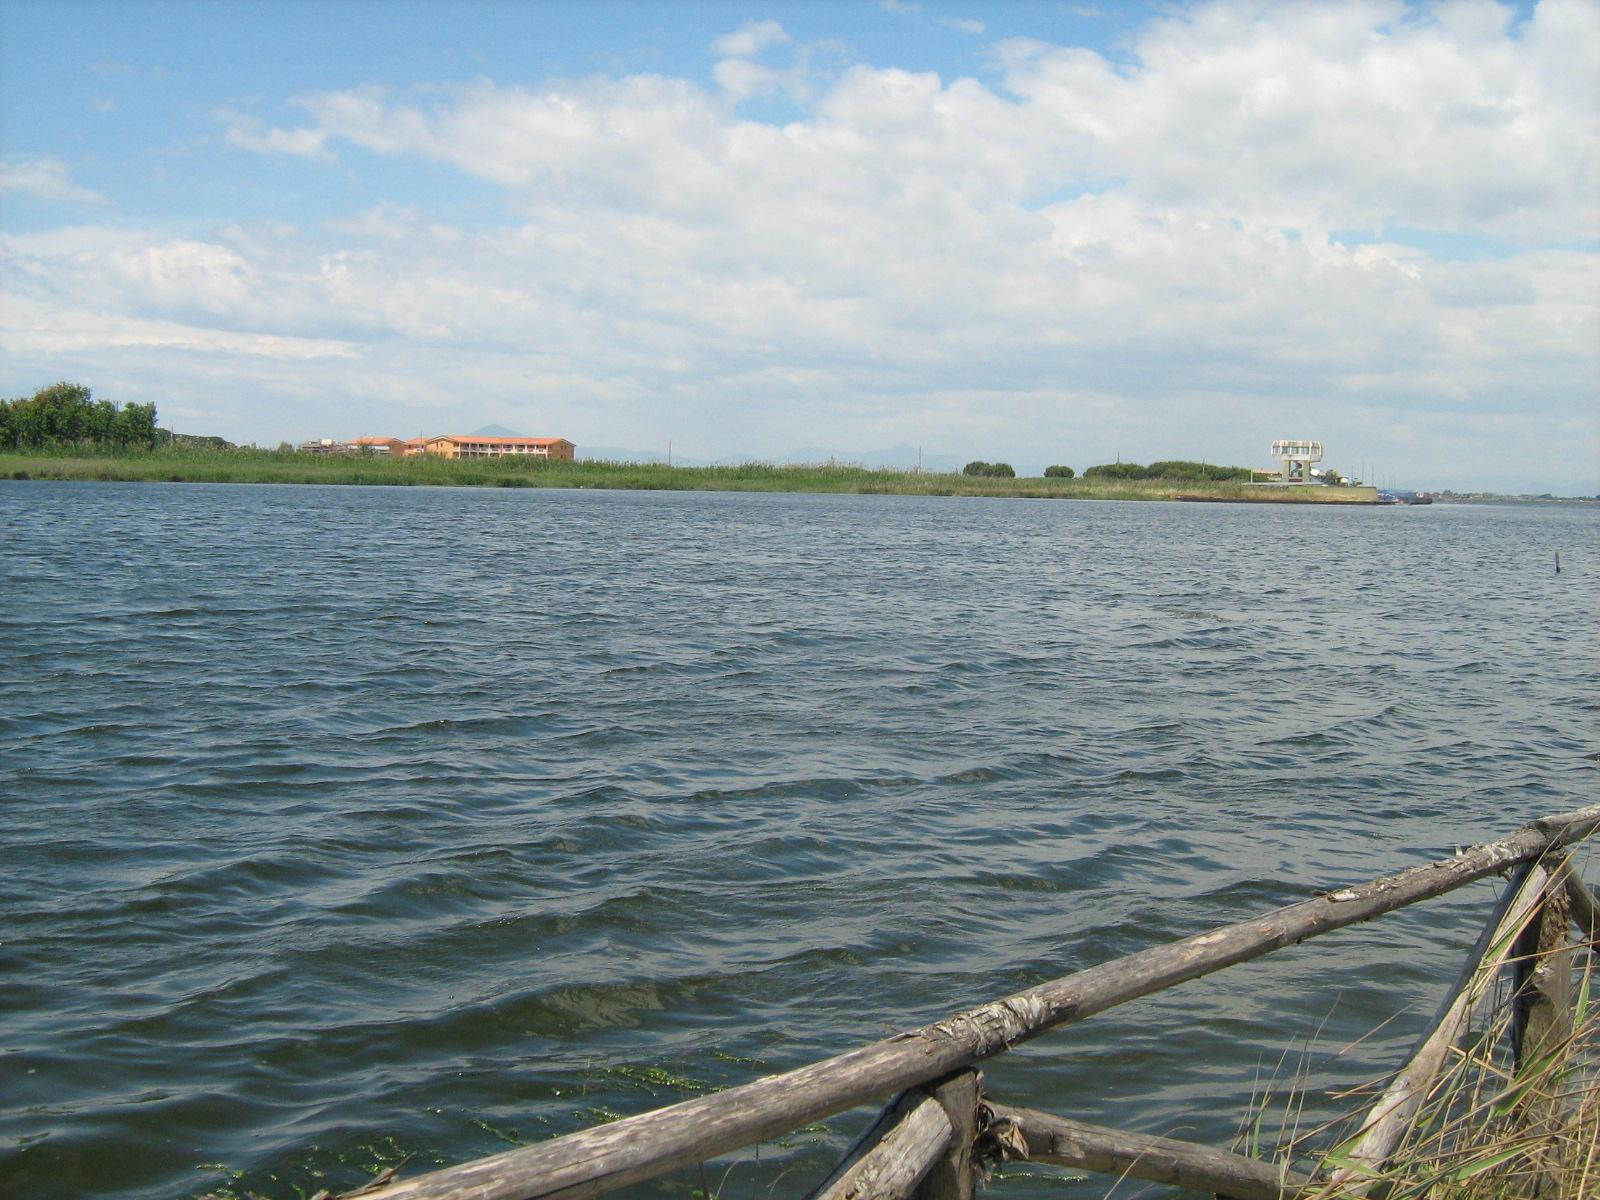 Telerilevamenti della Guardia Costiera: 28 anomalie in corpi idrici e suolo tra il litorale domitio-flegreo e l'area a nord del lago Patria